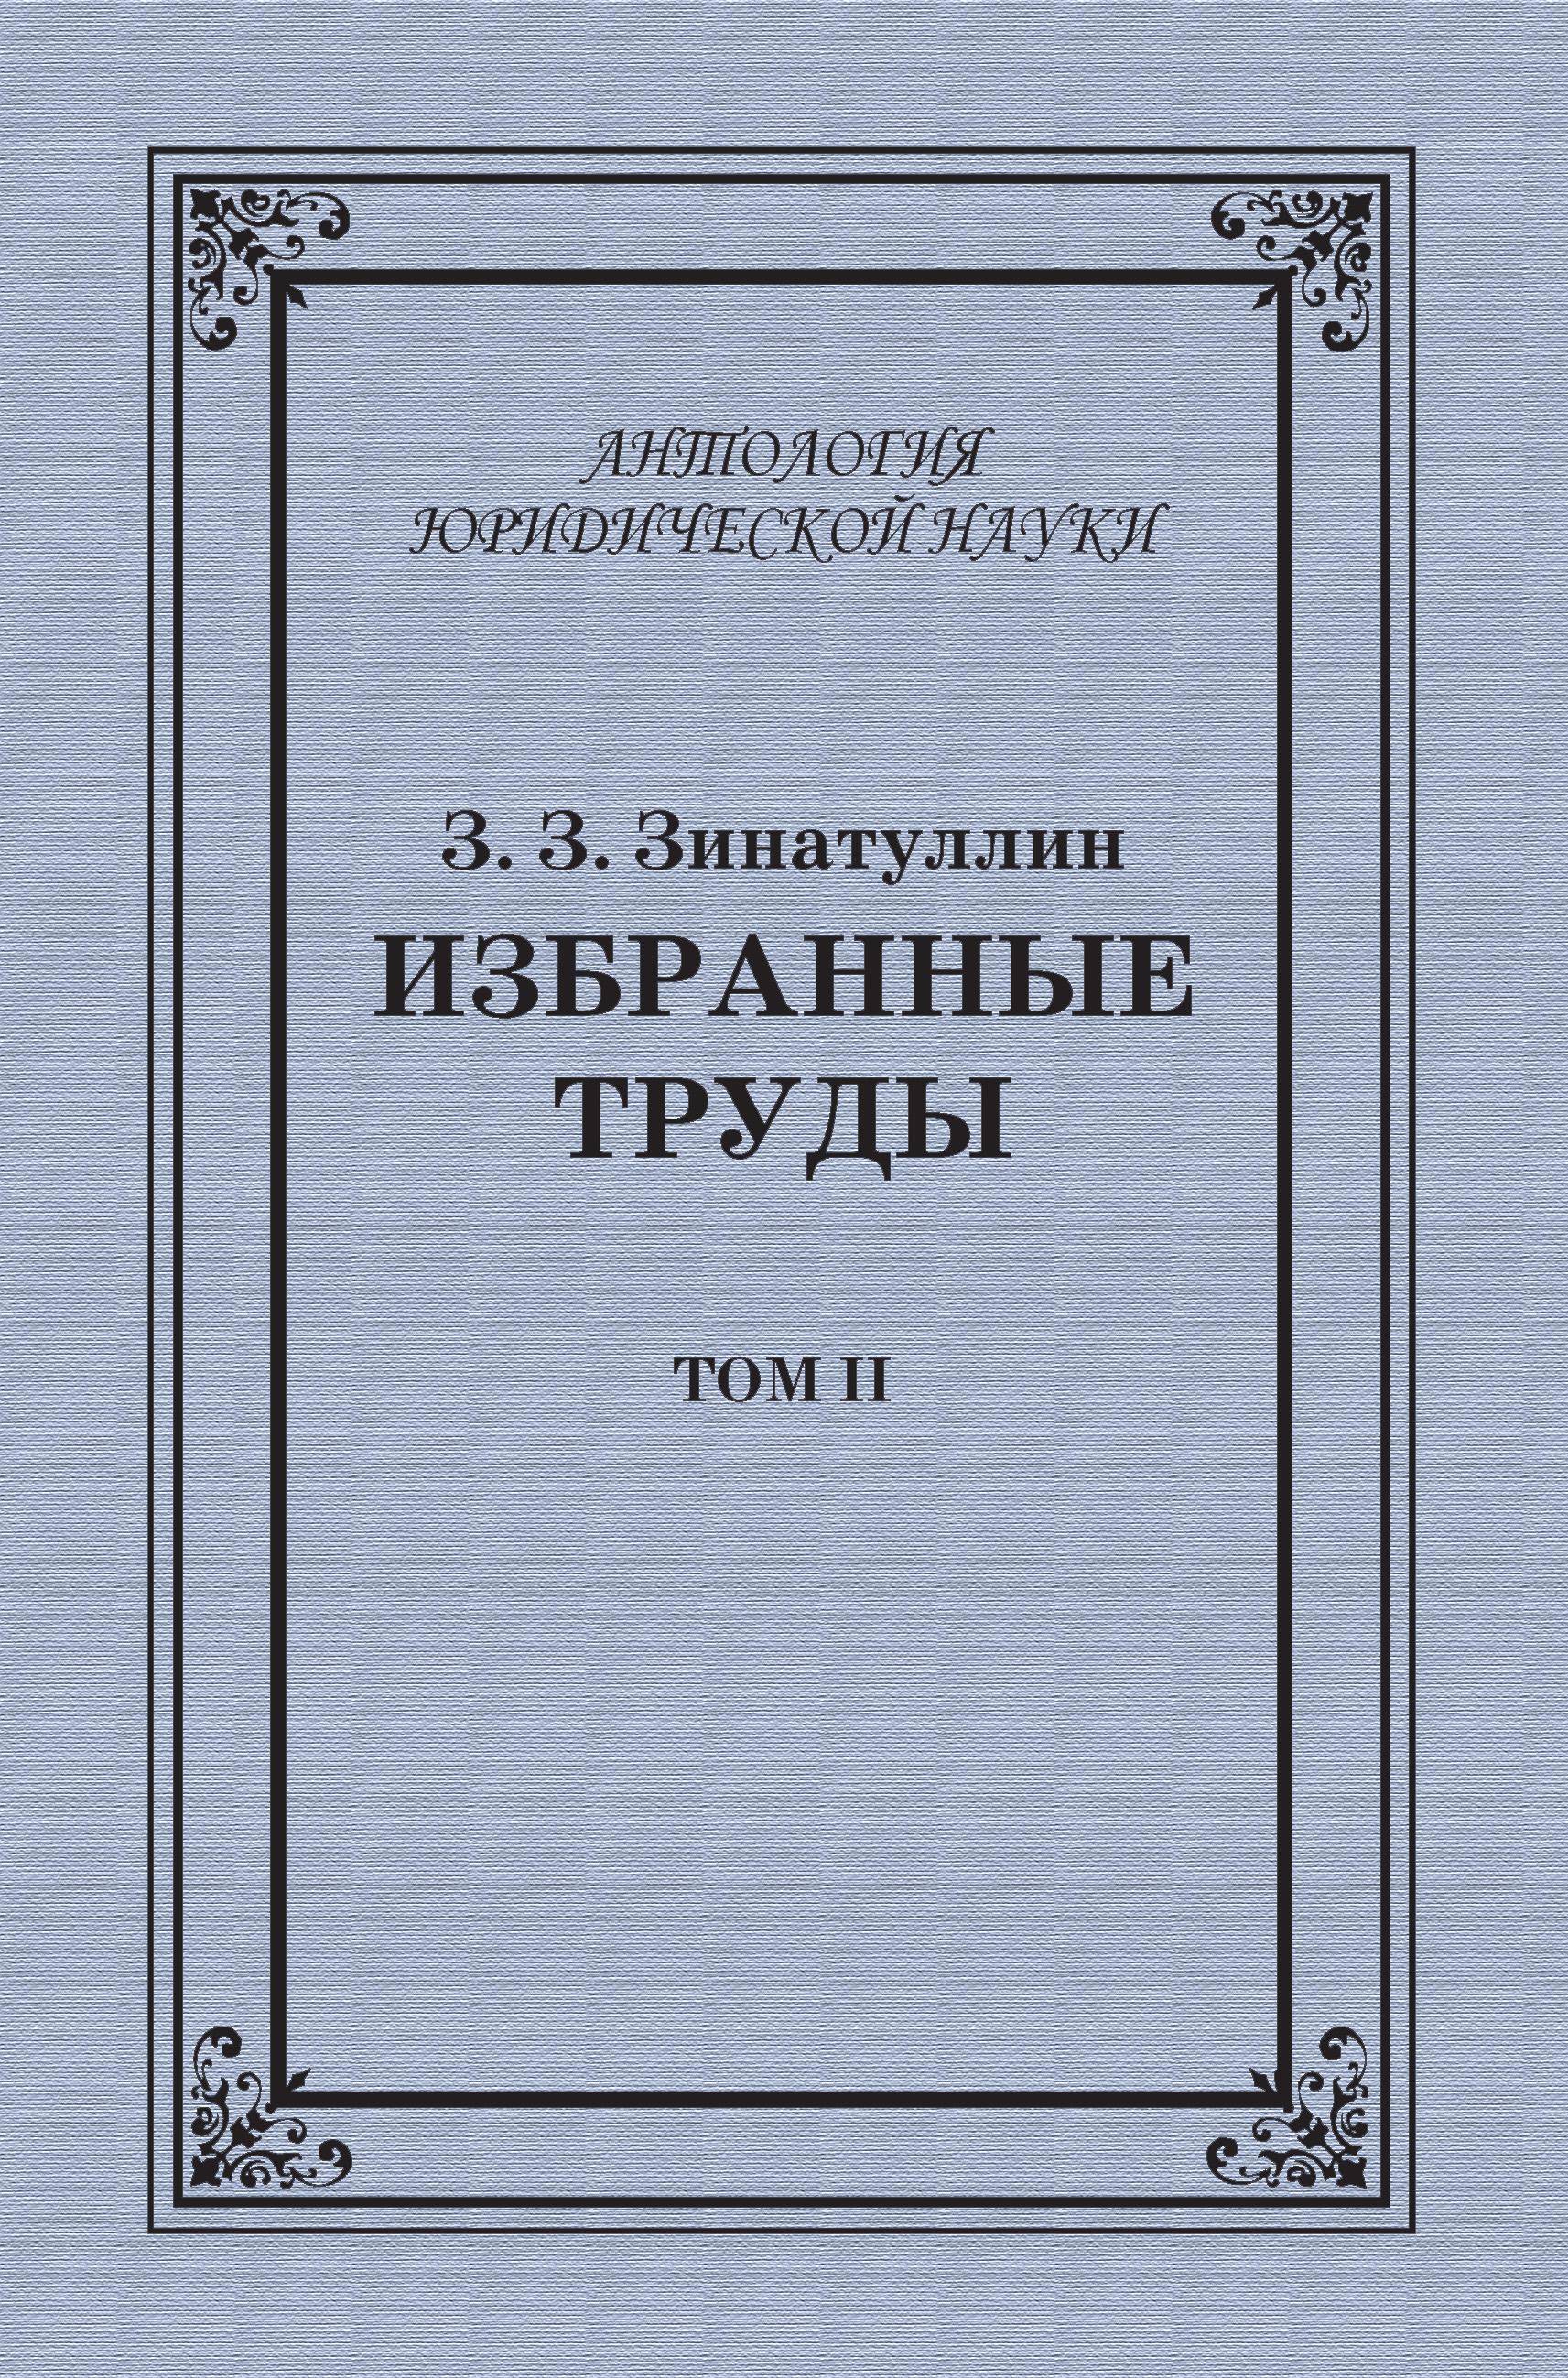 З. З. Зинатуллин Избранные труды. Том II чельцов м избранное сборник научных трудов том ii